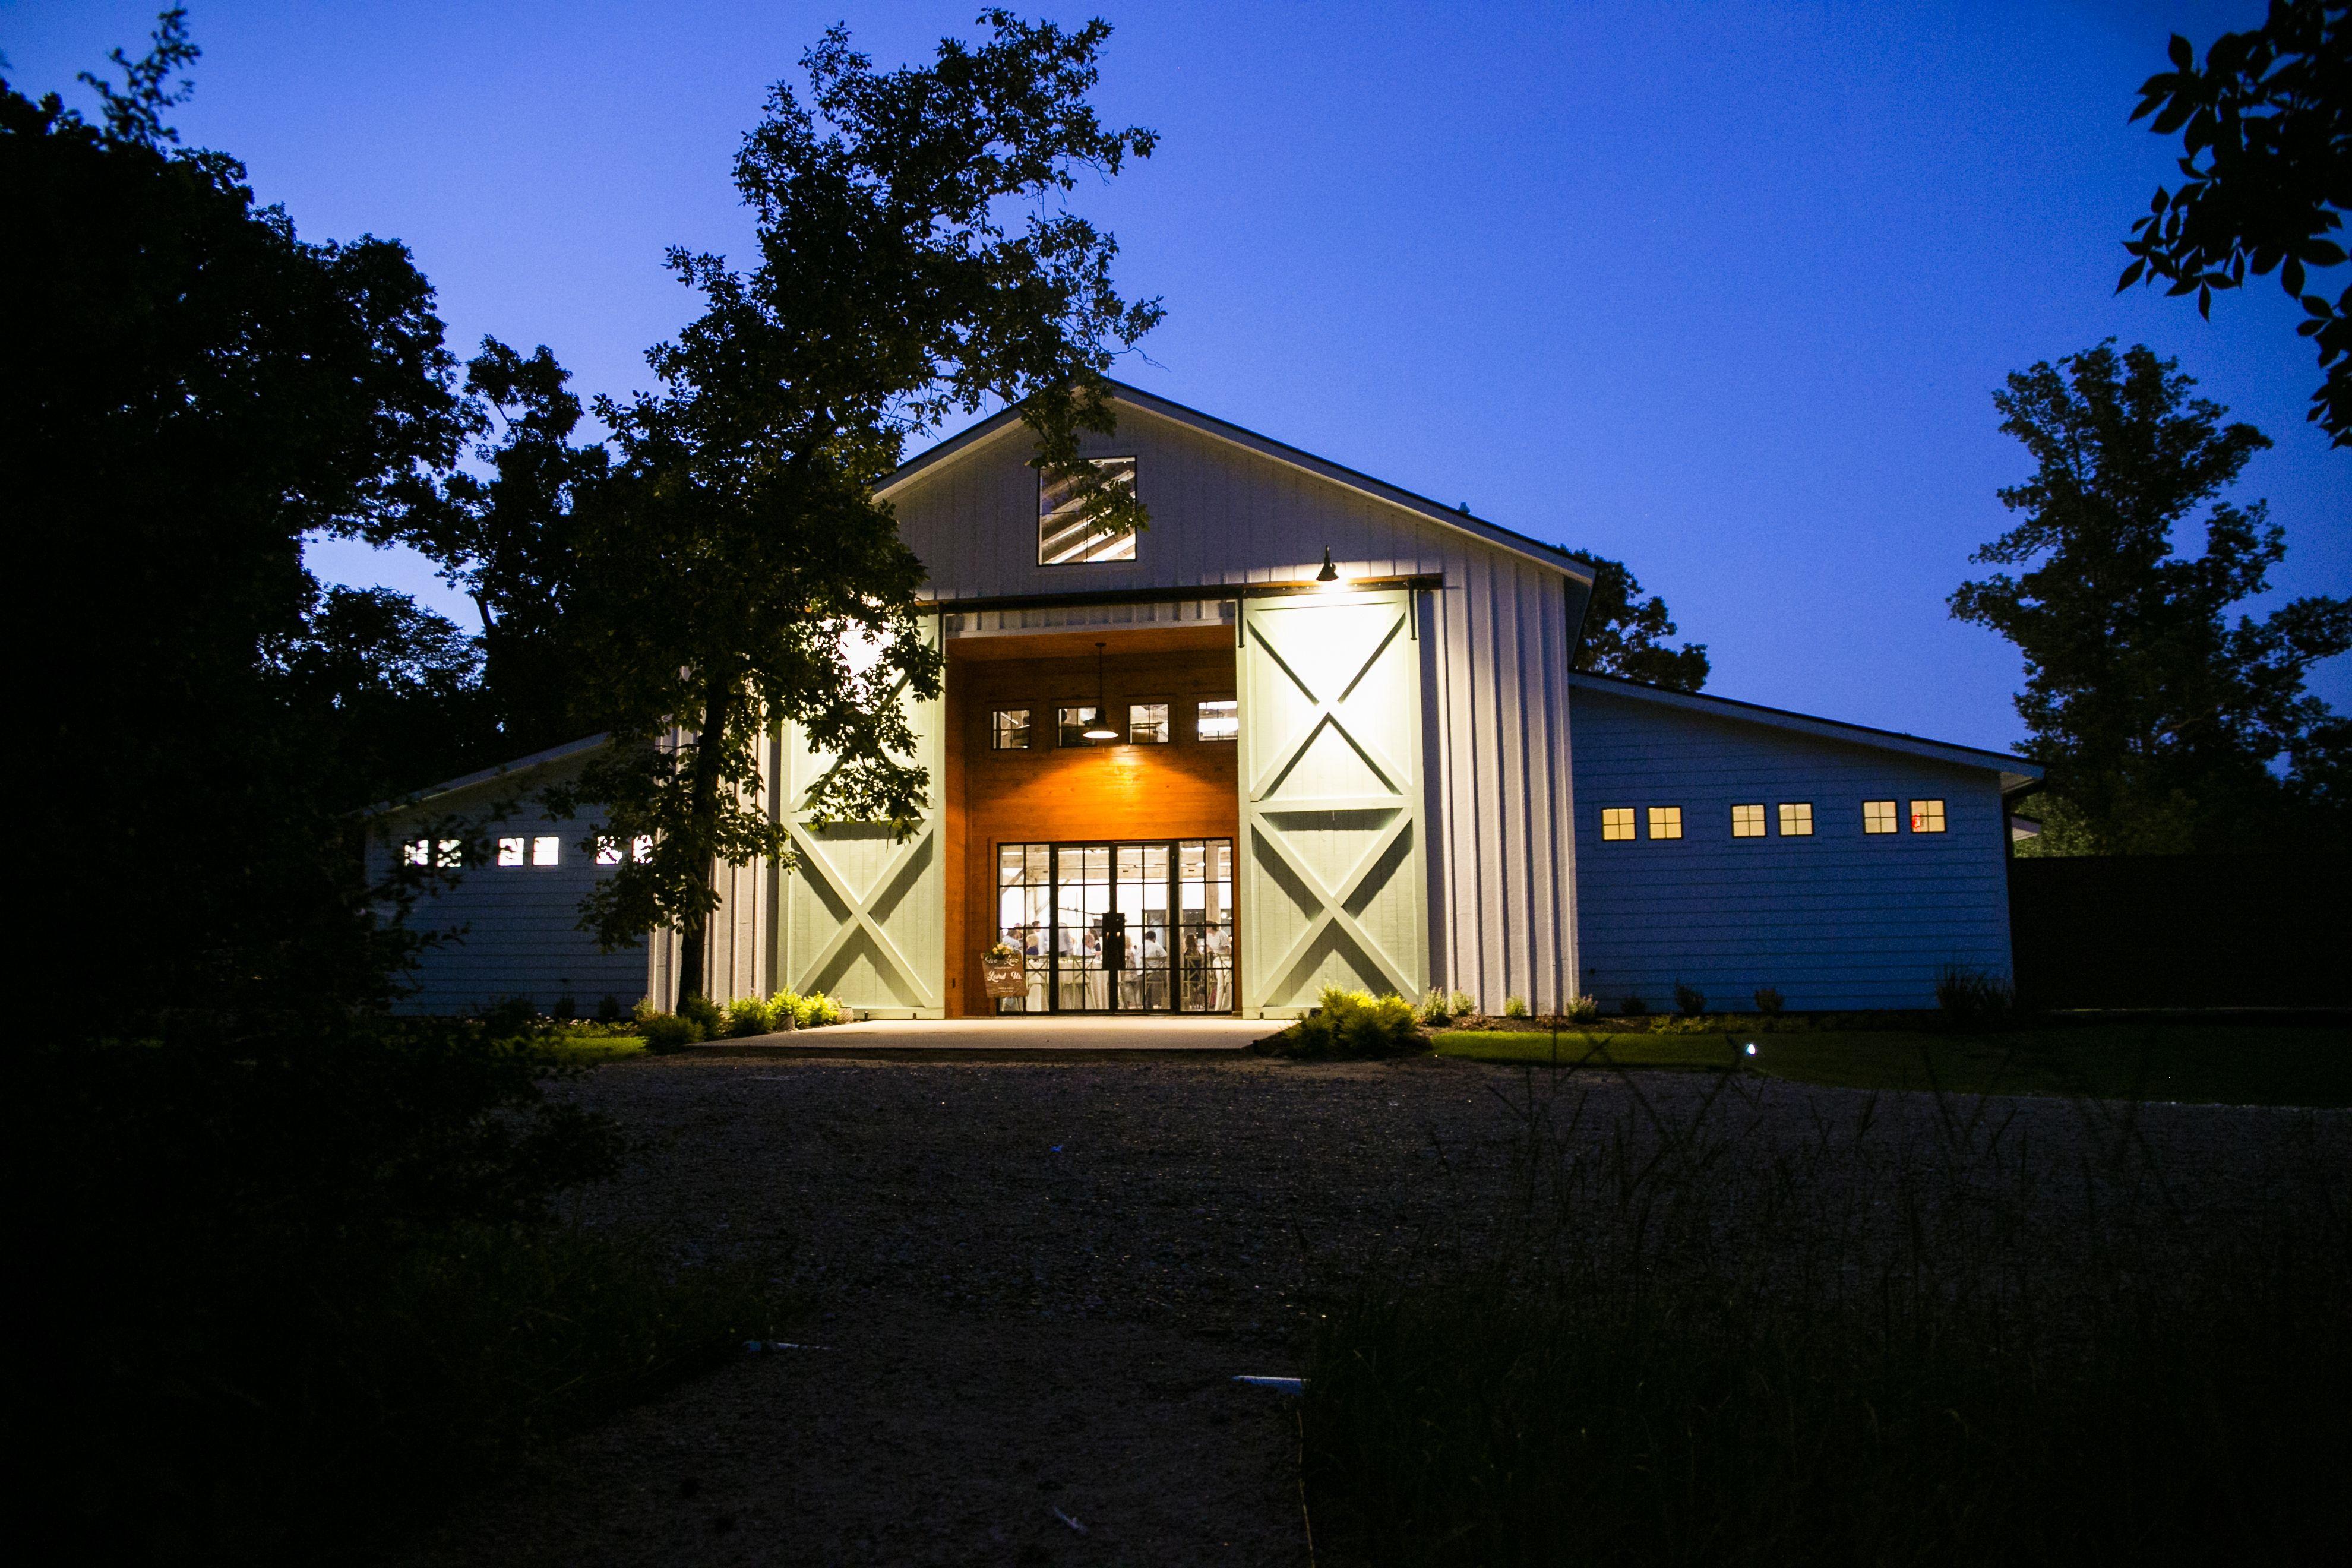 The Meekermark wedding barn in Magnolia, Texas at sunset